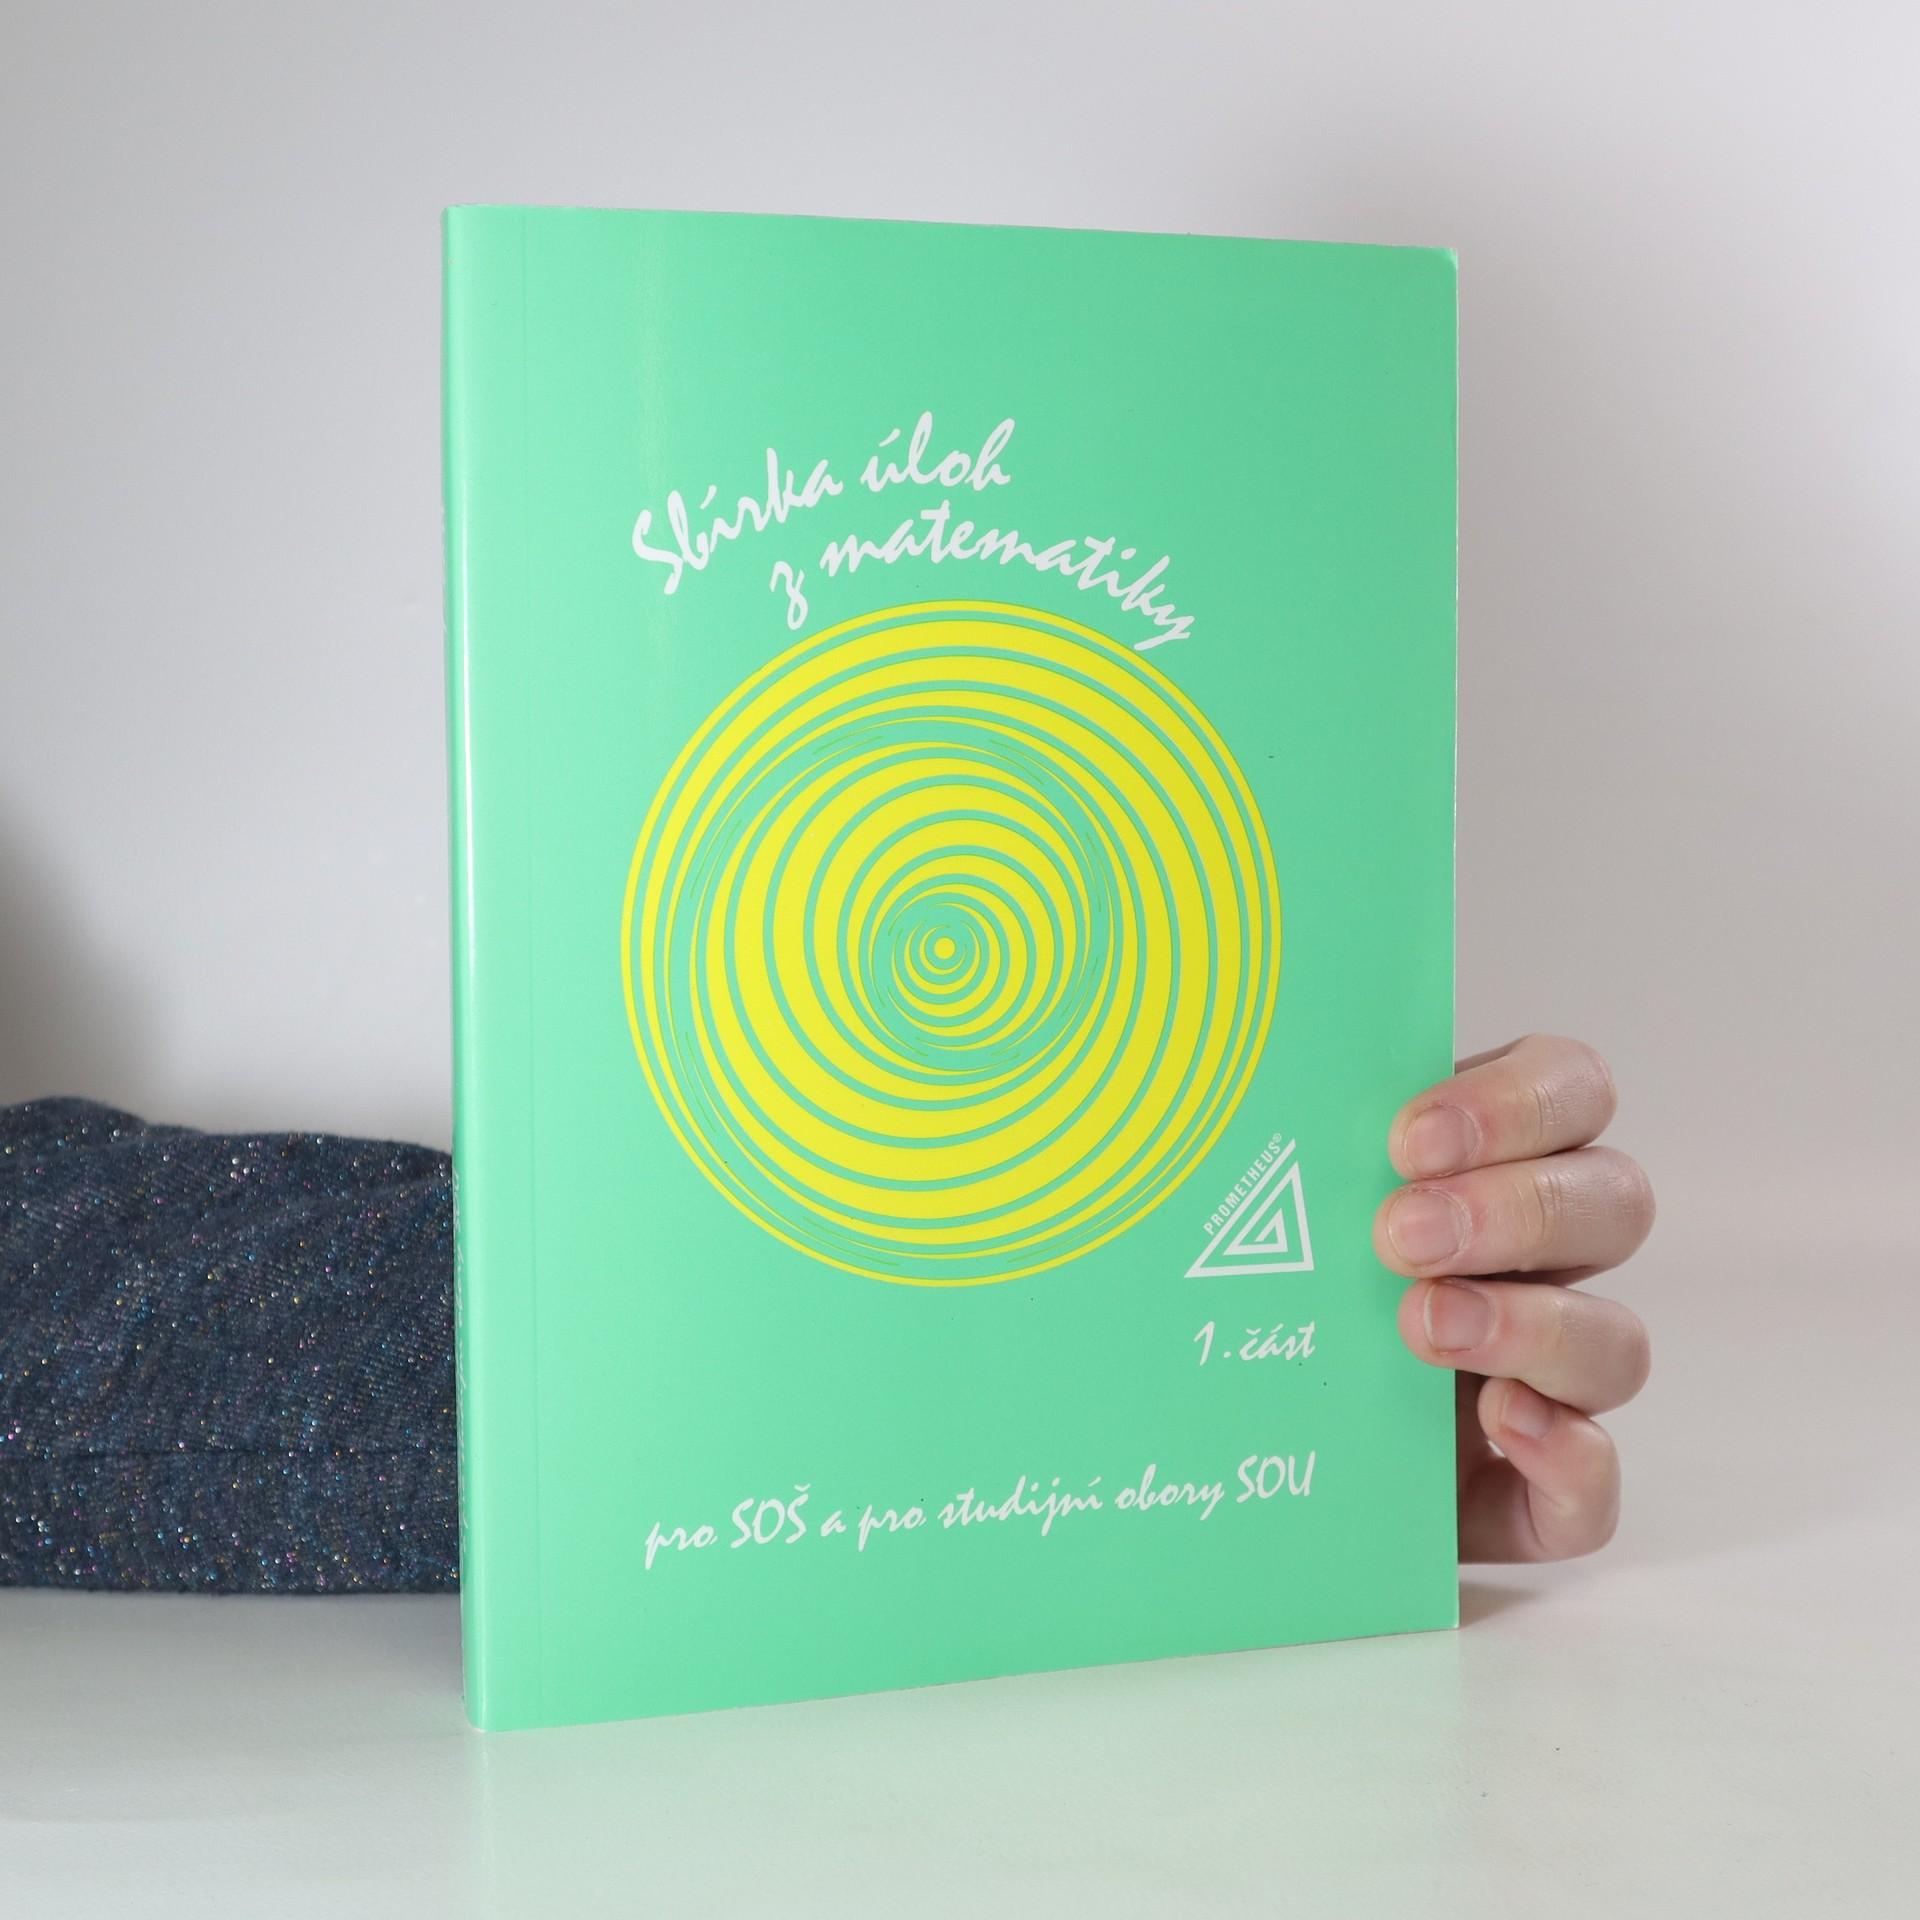 antikvární kniha Sbírka úloh z matematiky pro SOŠ a pro studijní obory SOU. 1. část, 2007